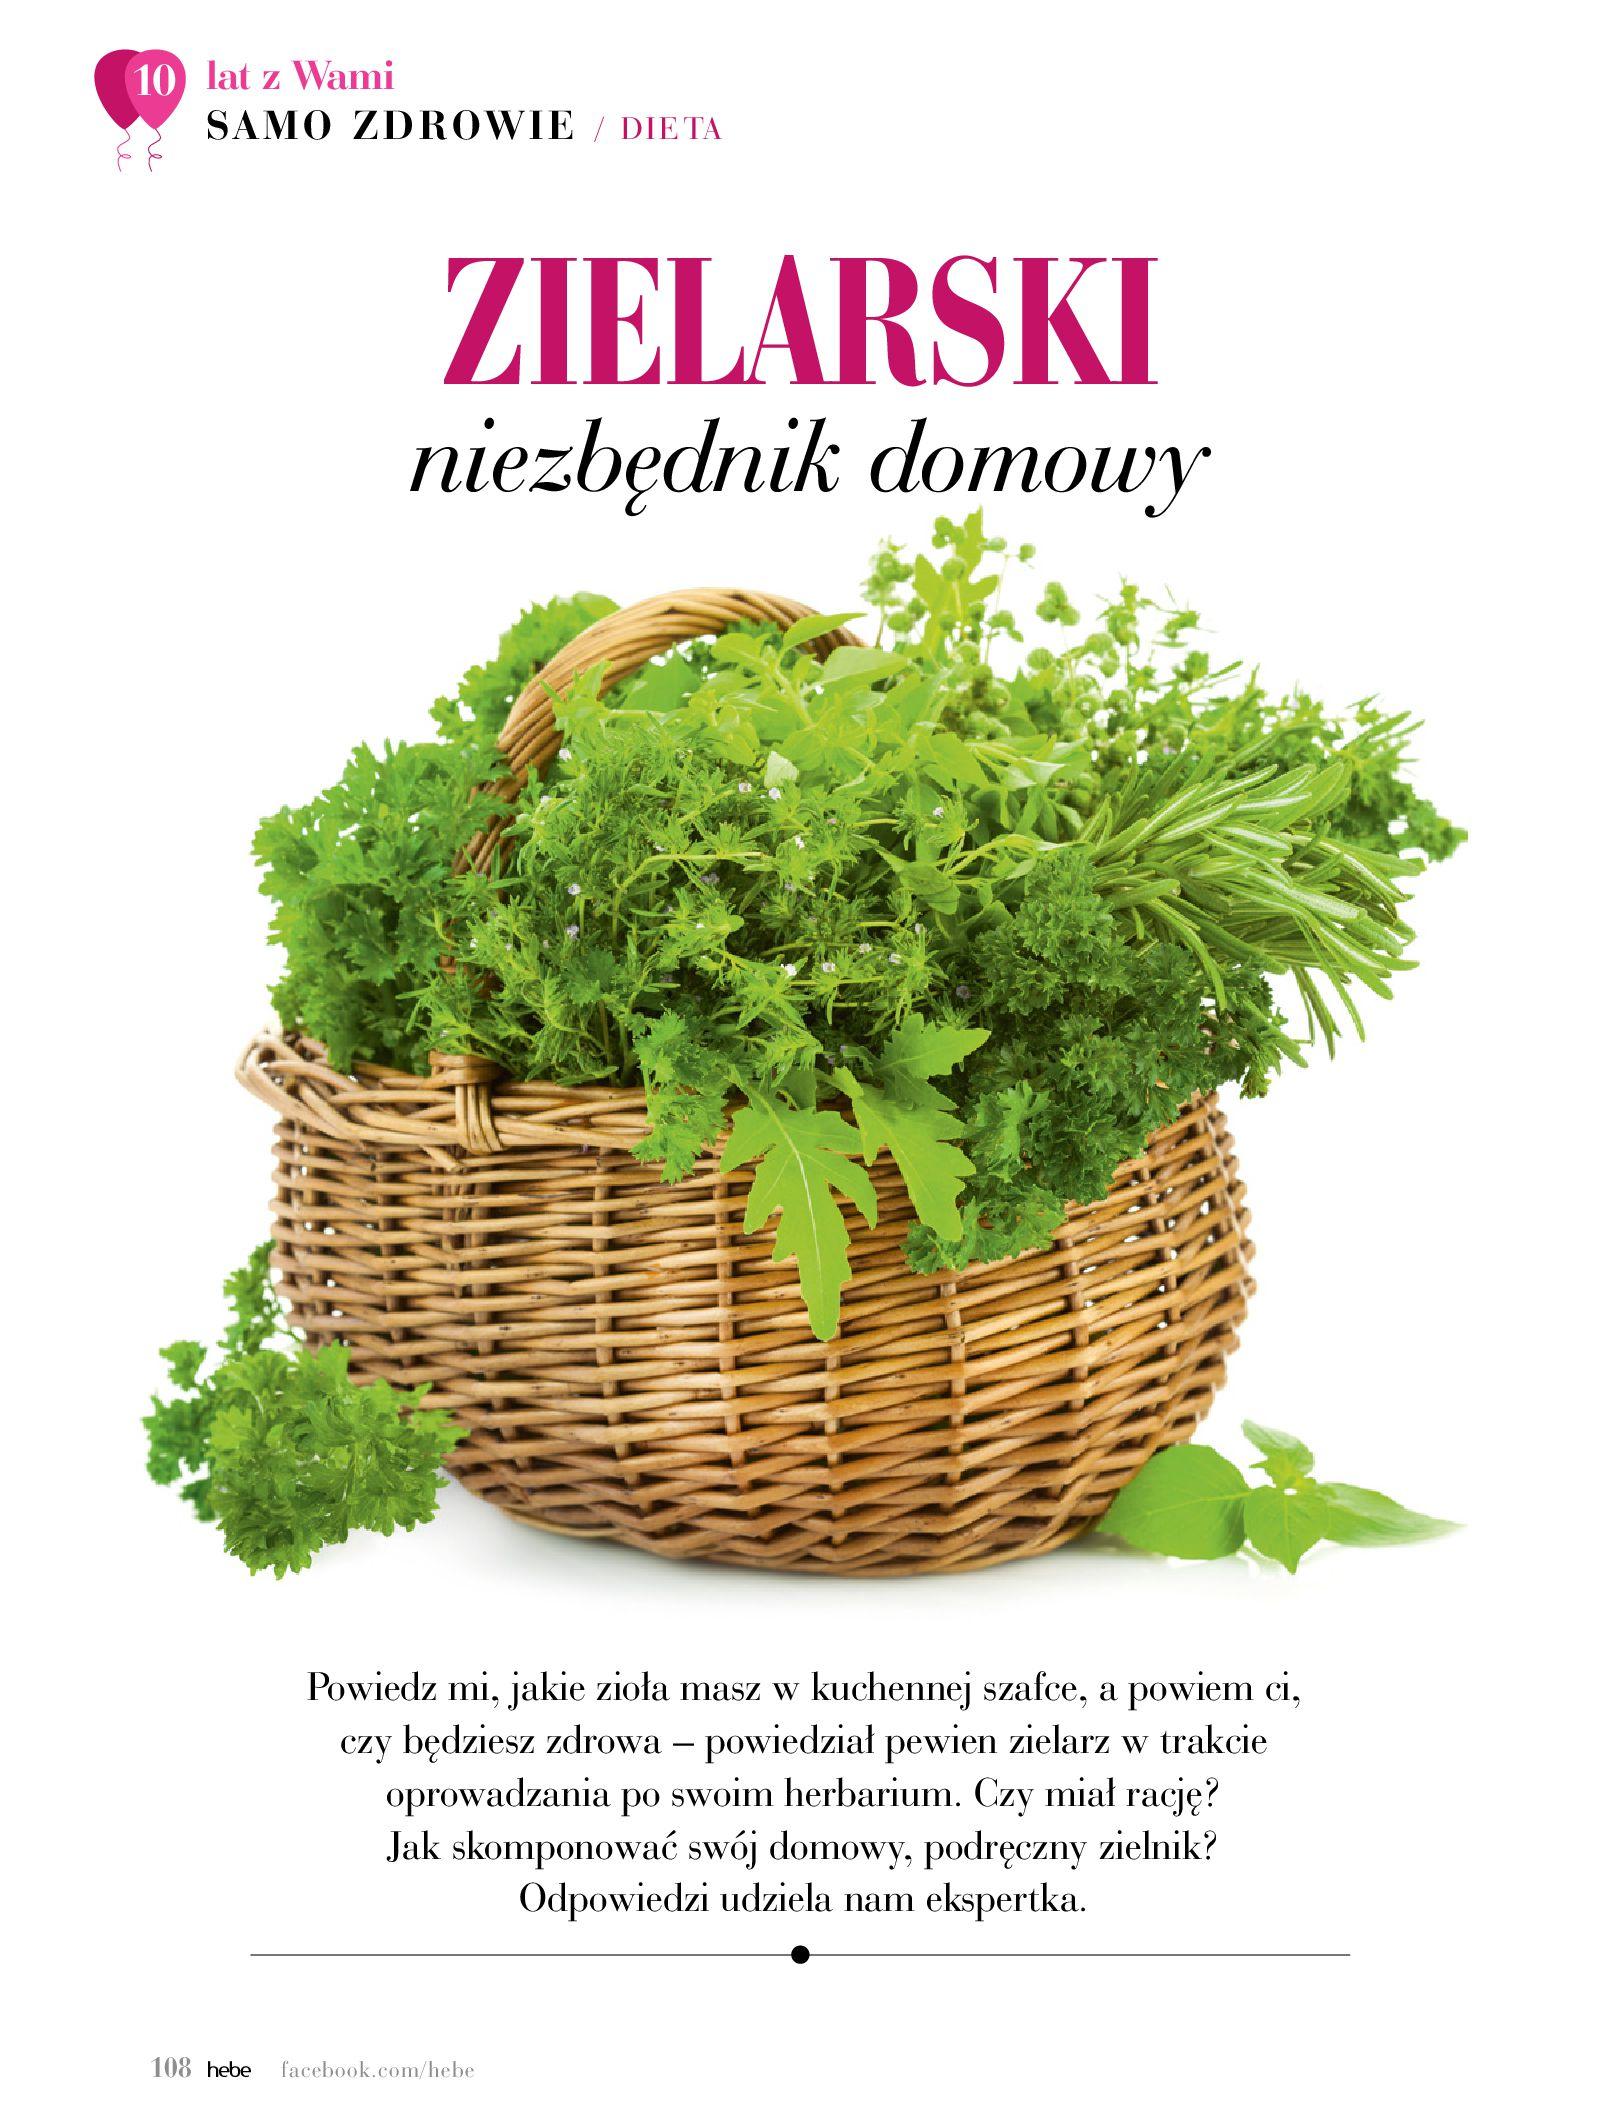 Gazetka hebe: Gazetka Hebe - Magazyn  2021-05-01 page-108